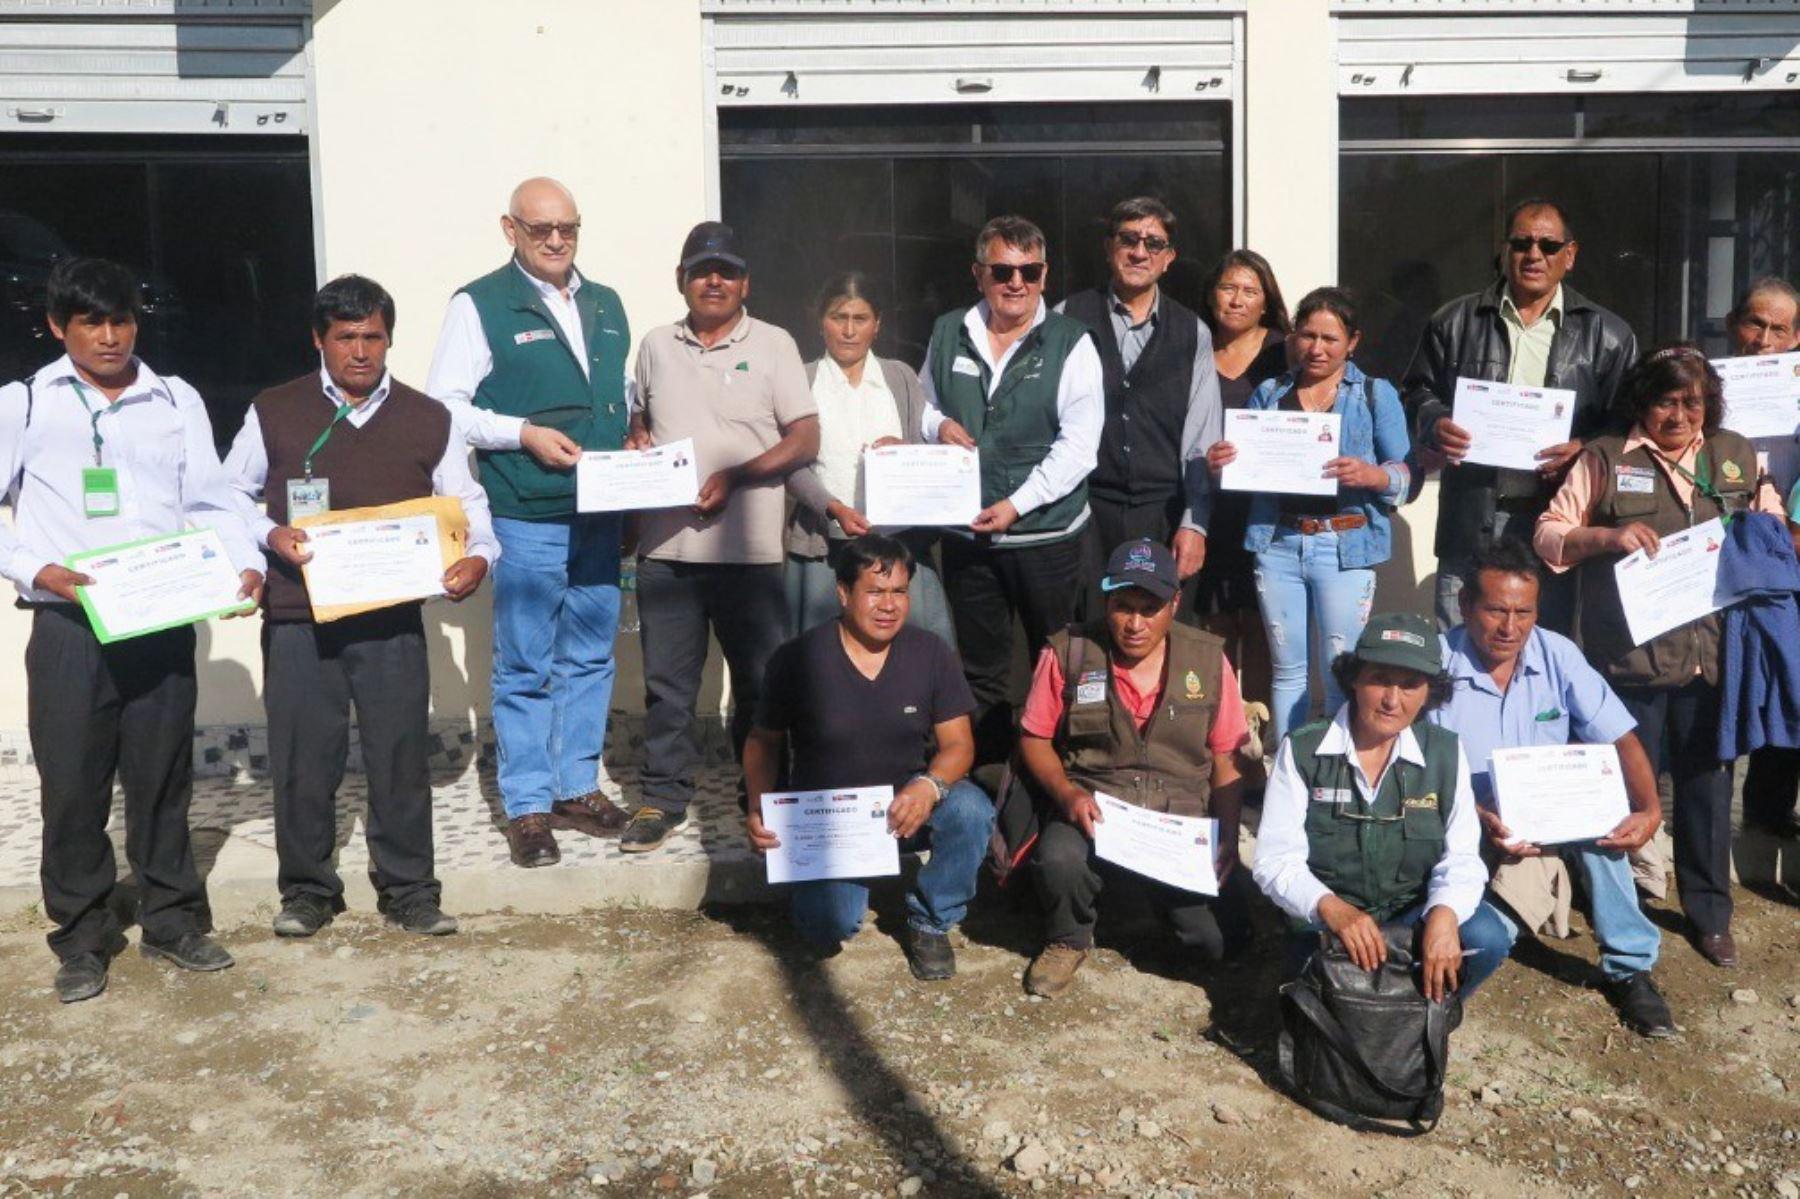 El Ministerio de Agricultura y Riego (Minagri), a través de Agro Rural, certificó a 37 productores de las provincias ancashinas de Carhuaz, Yungay y Huaylas, en las competencias de instalación, manejo y mantenimiento del cultivo de paltas.